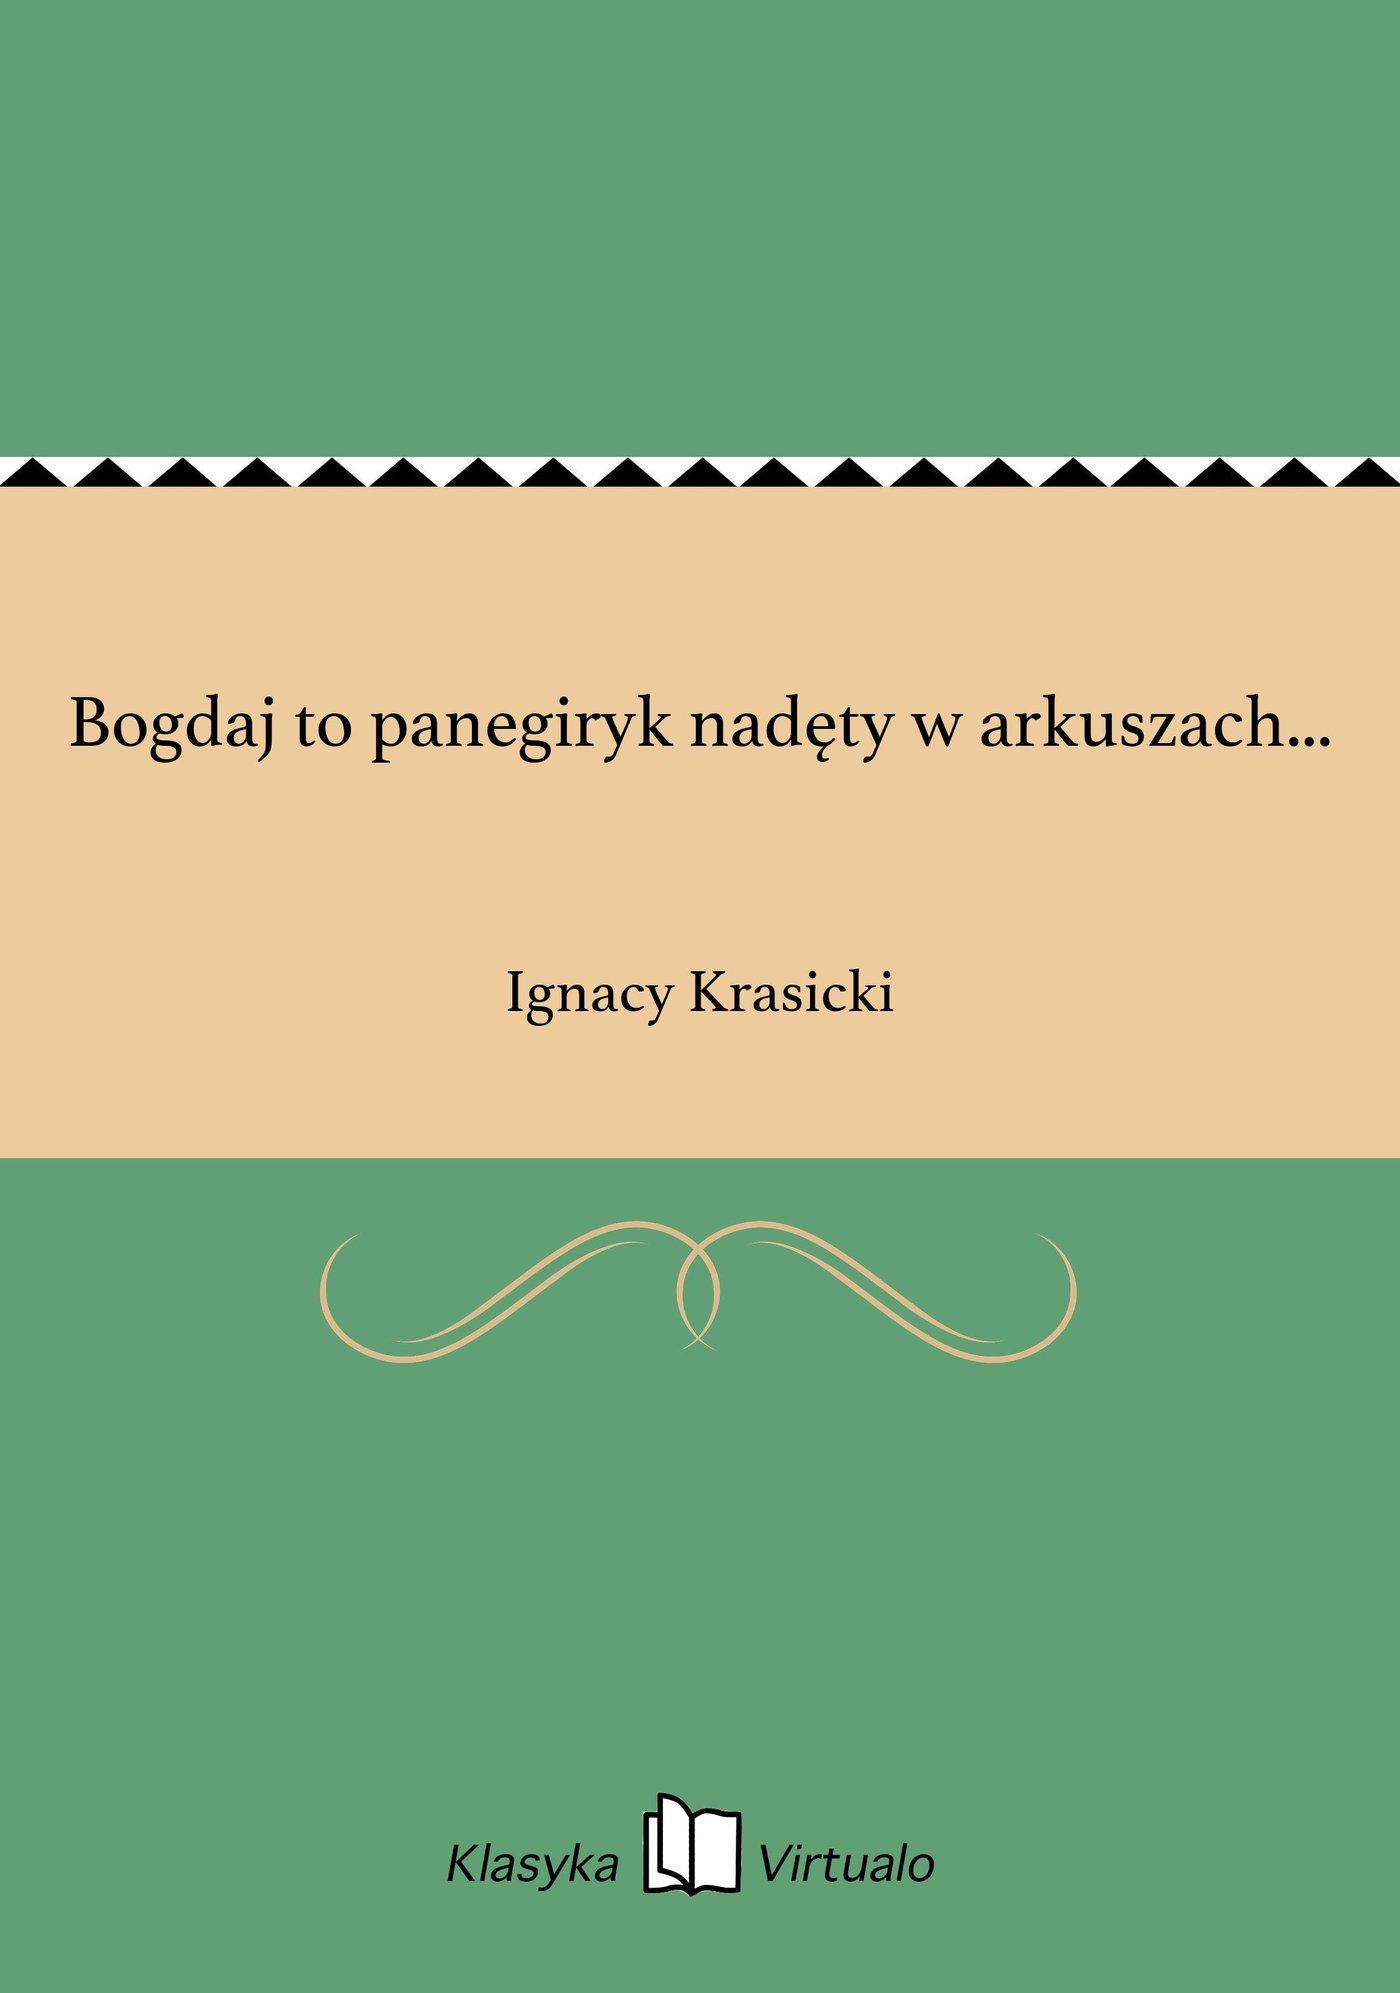 Bogdaj to panegiryk nadęty w arkuszach... - Ebook (Książka EPUB) do pobrania w formacie EPUB